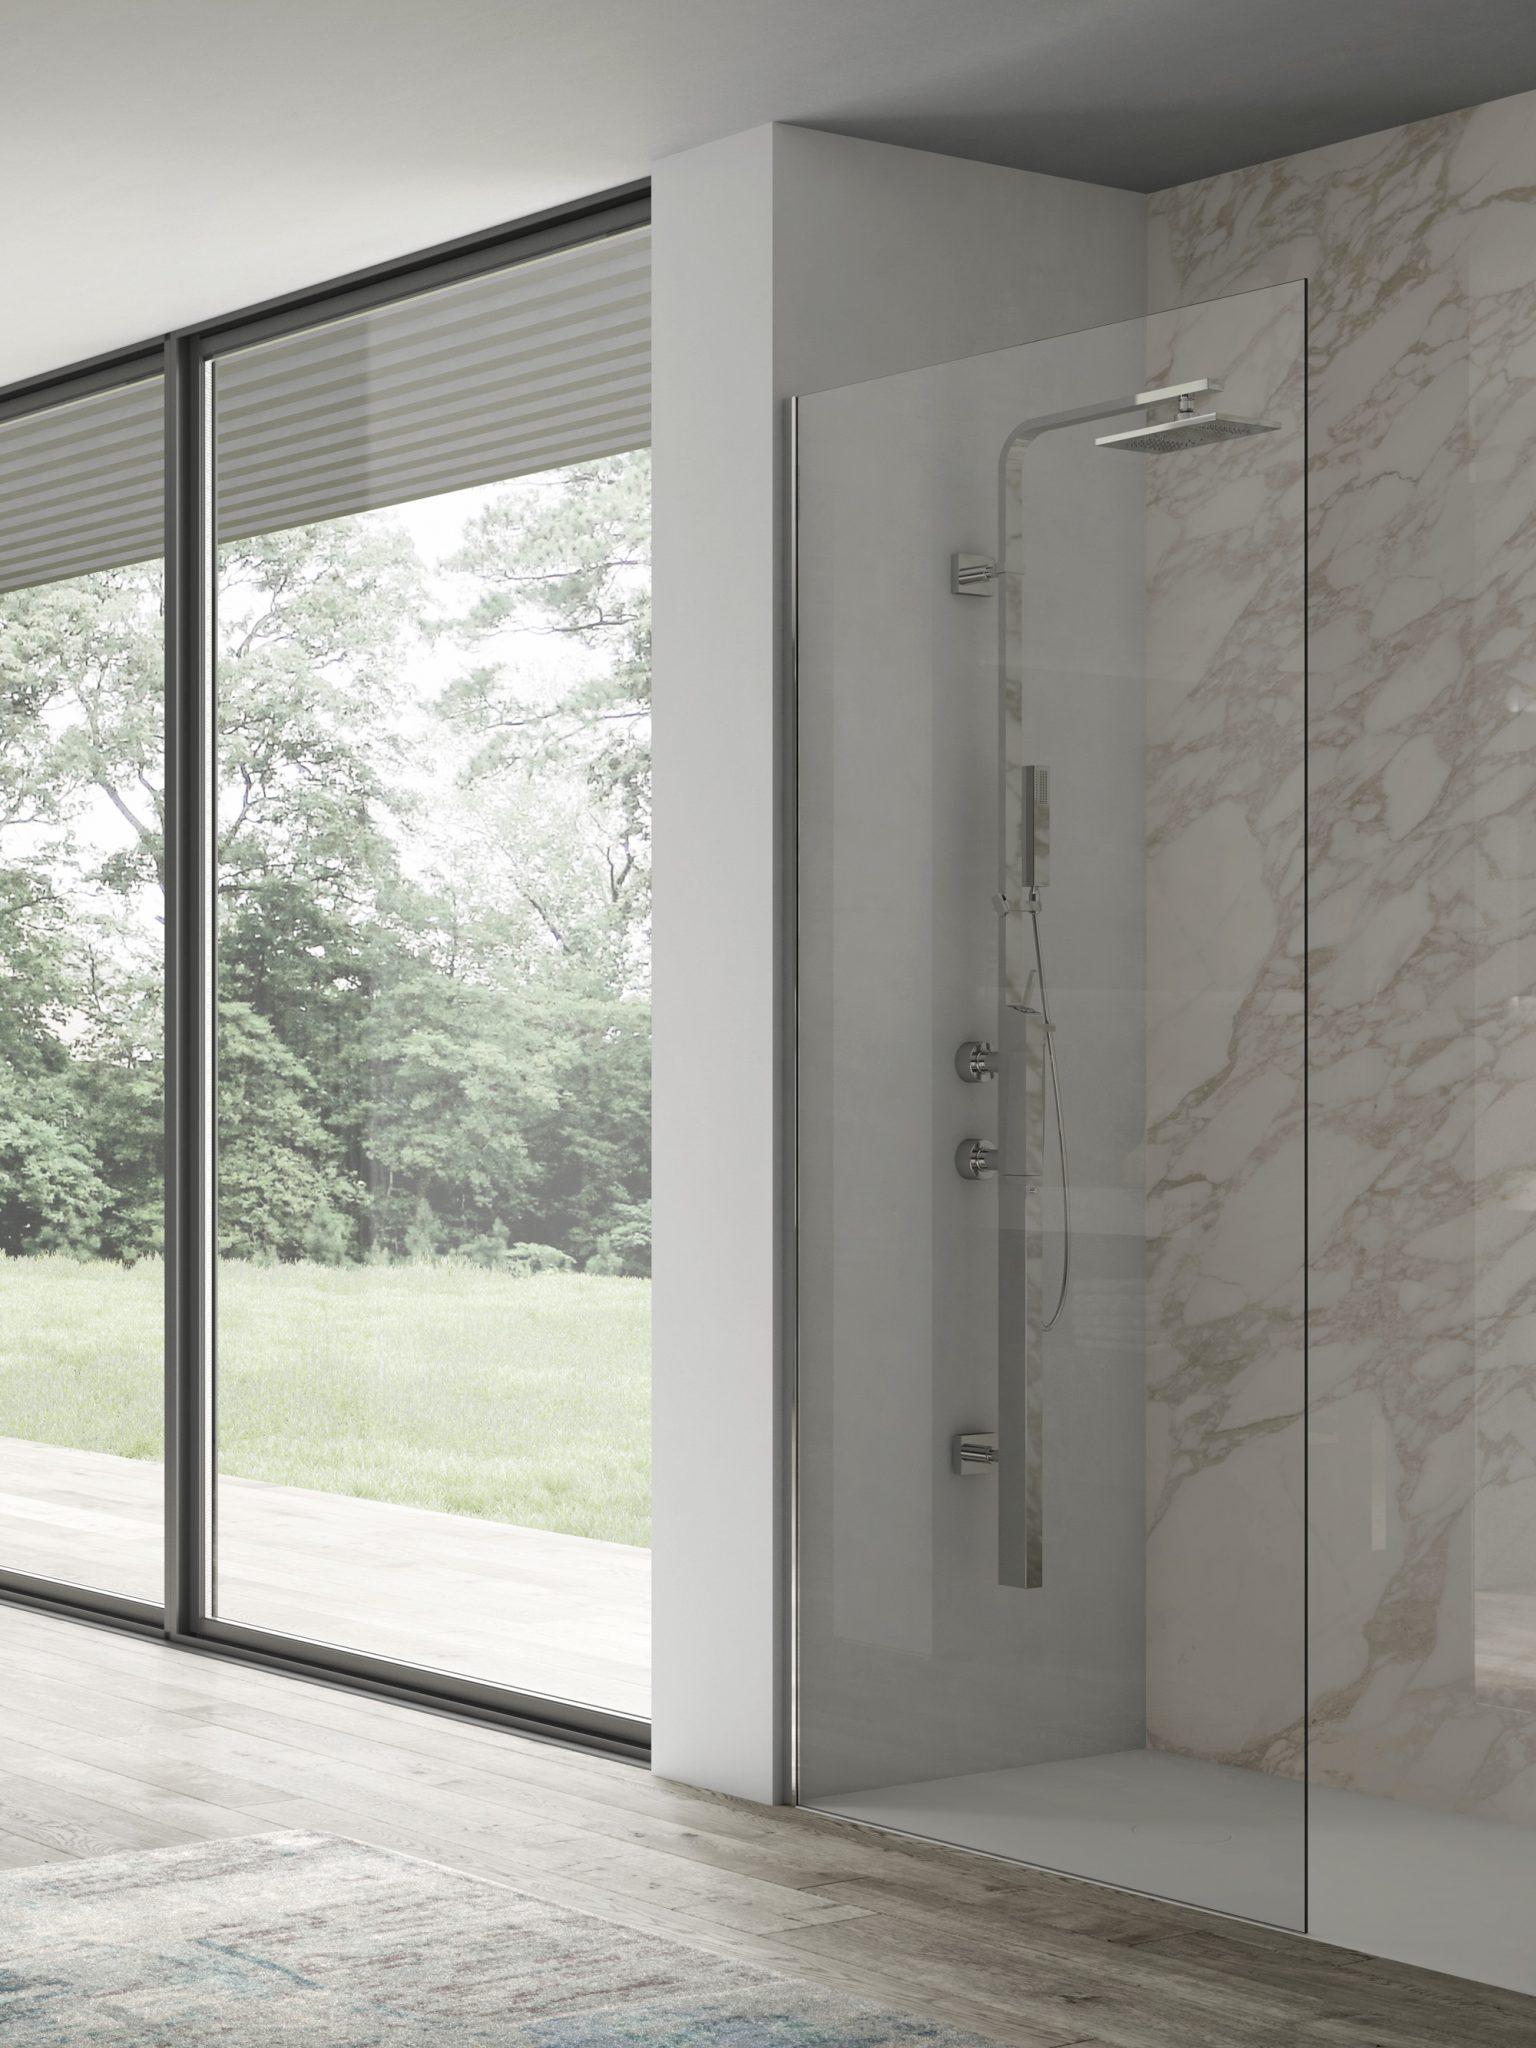 Bagno di marmo immagini stanza da bagno di lusso bagno - Bagno di marmo ...